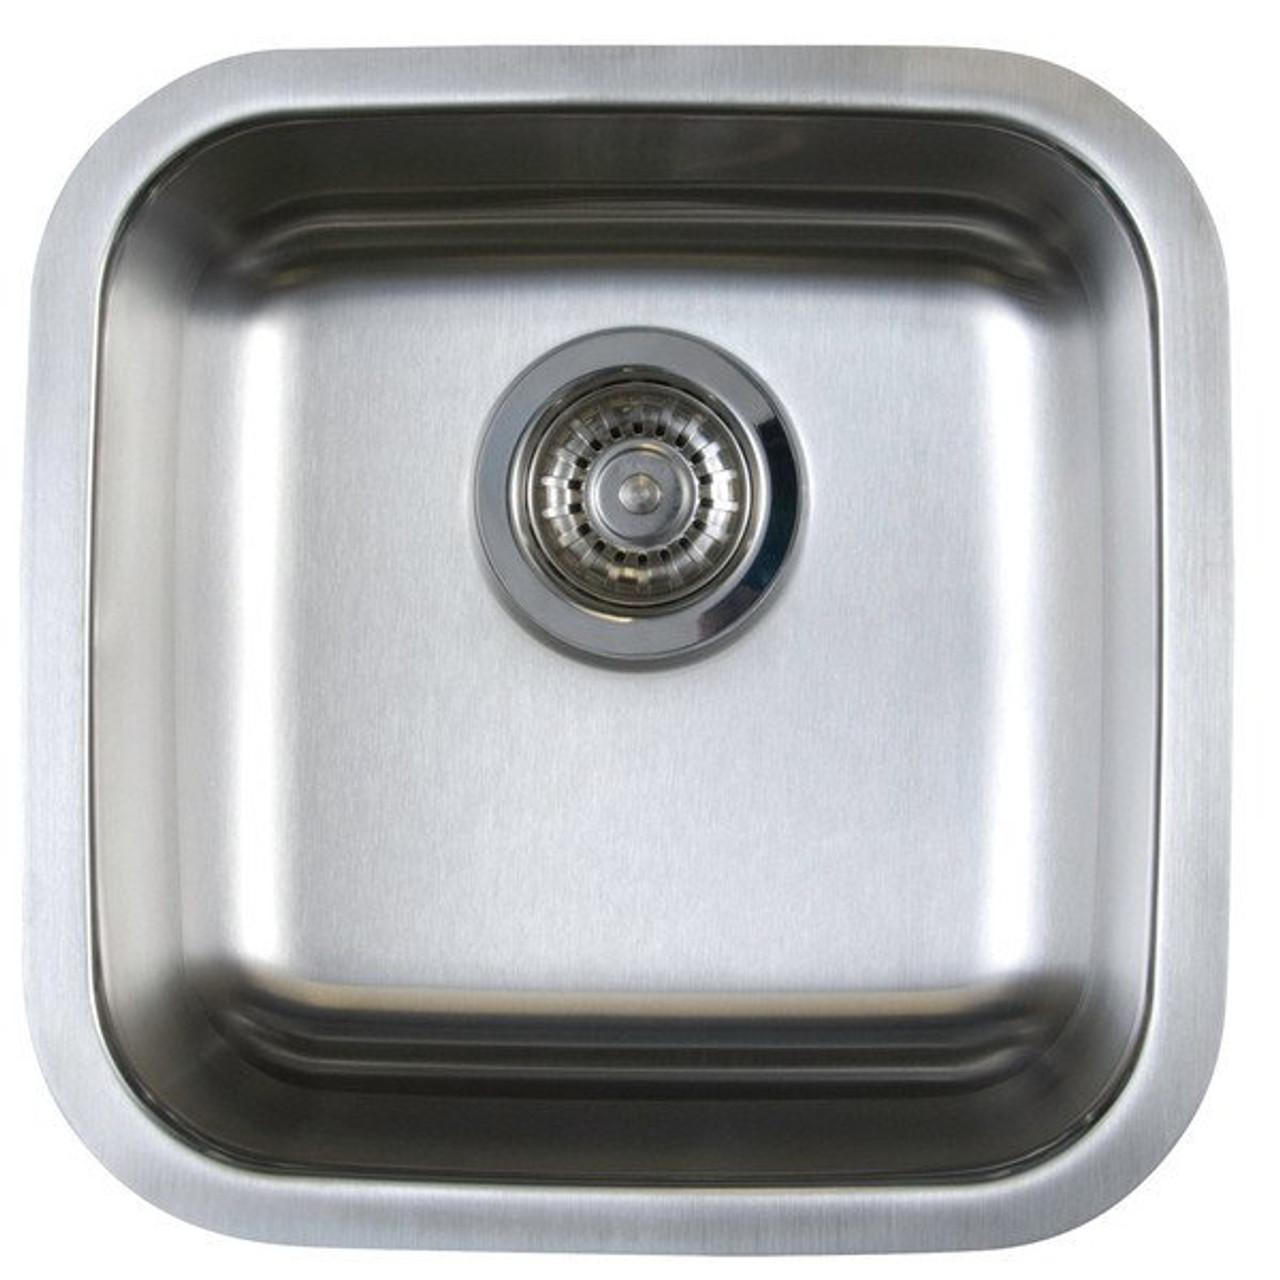 Blanco 401029 Stellar U 1 Bowl Undermount Bar Sink Stainless Steel